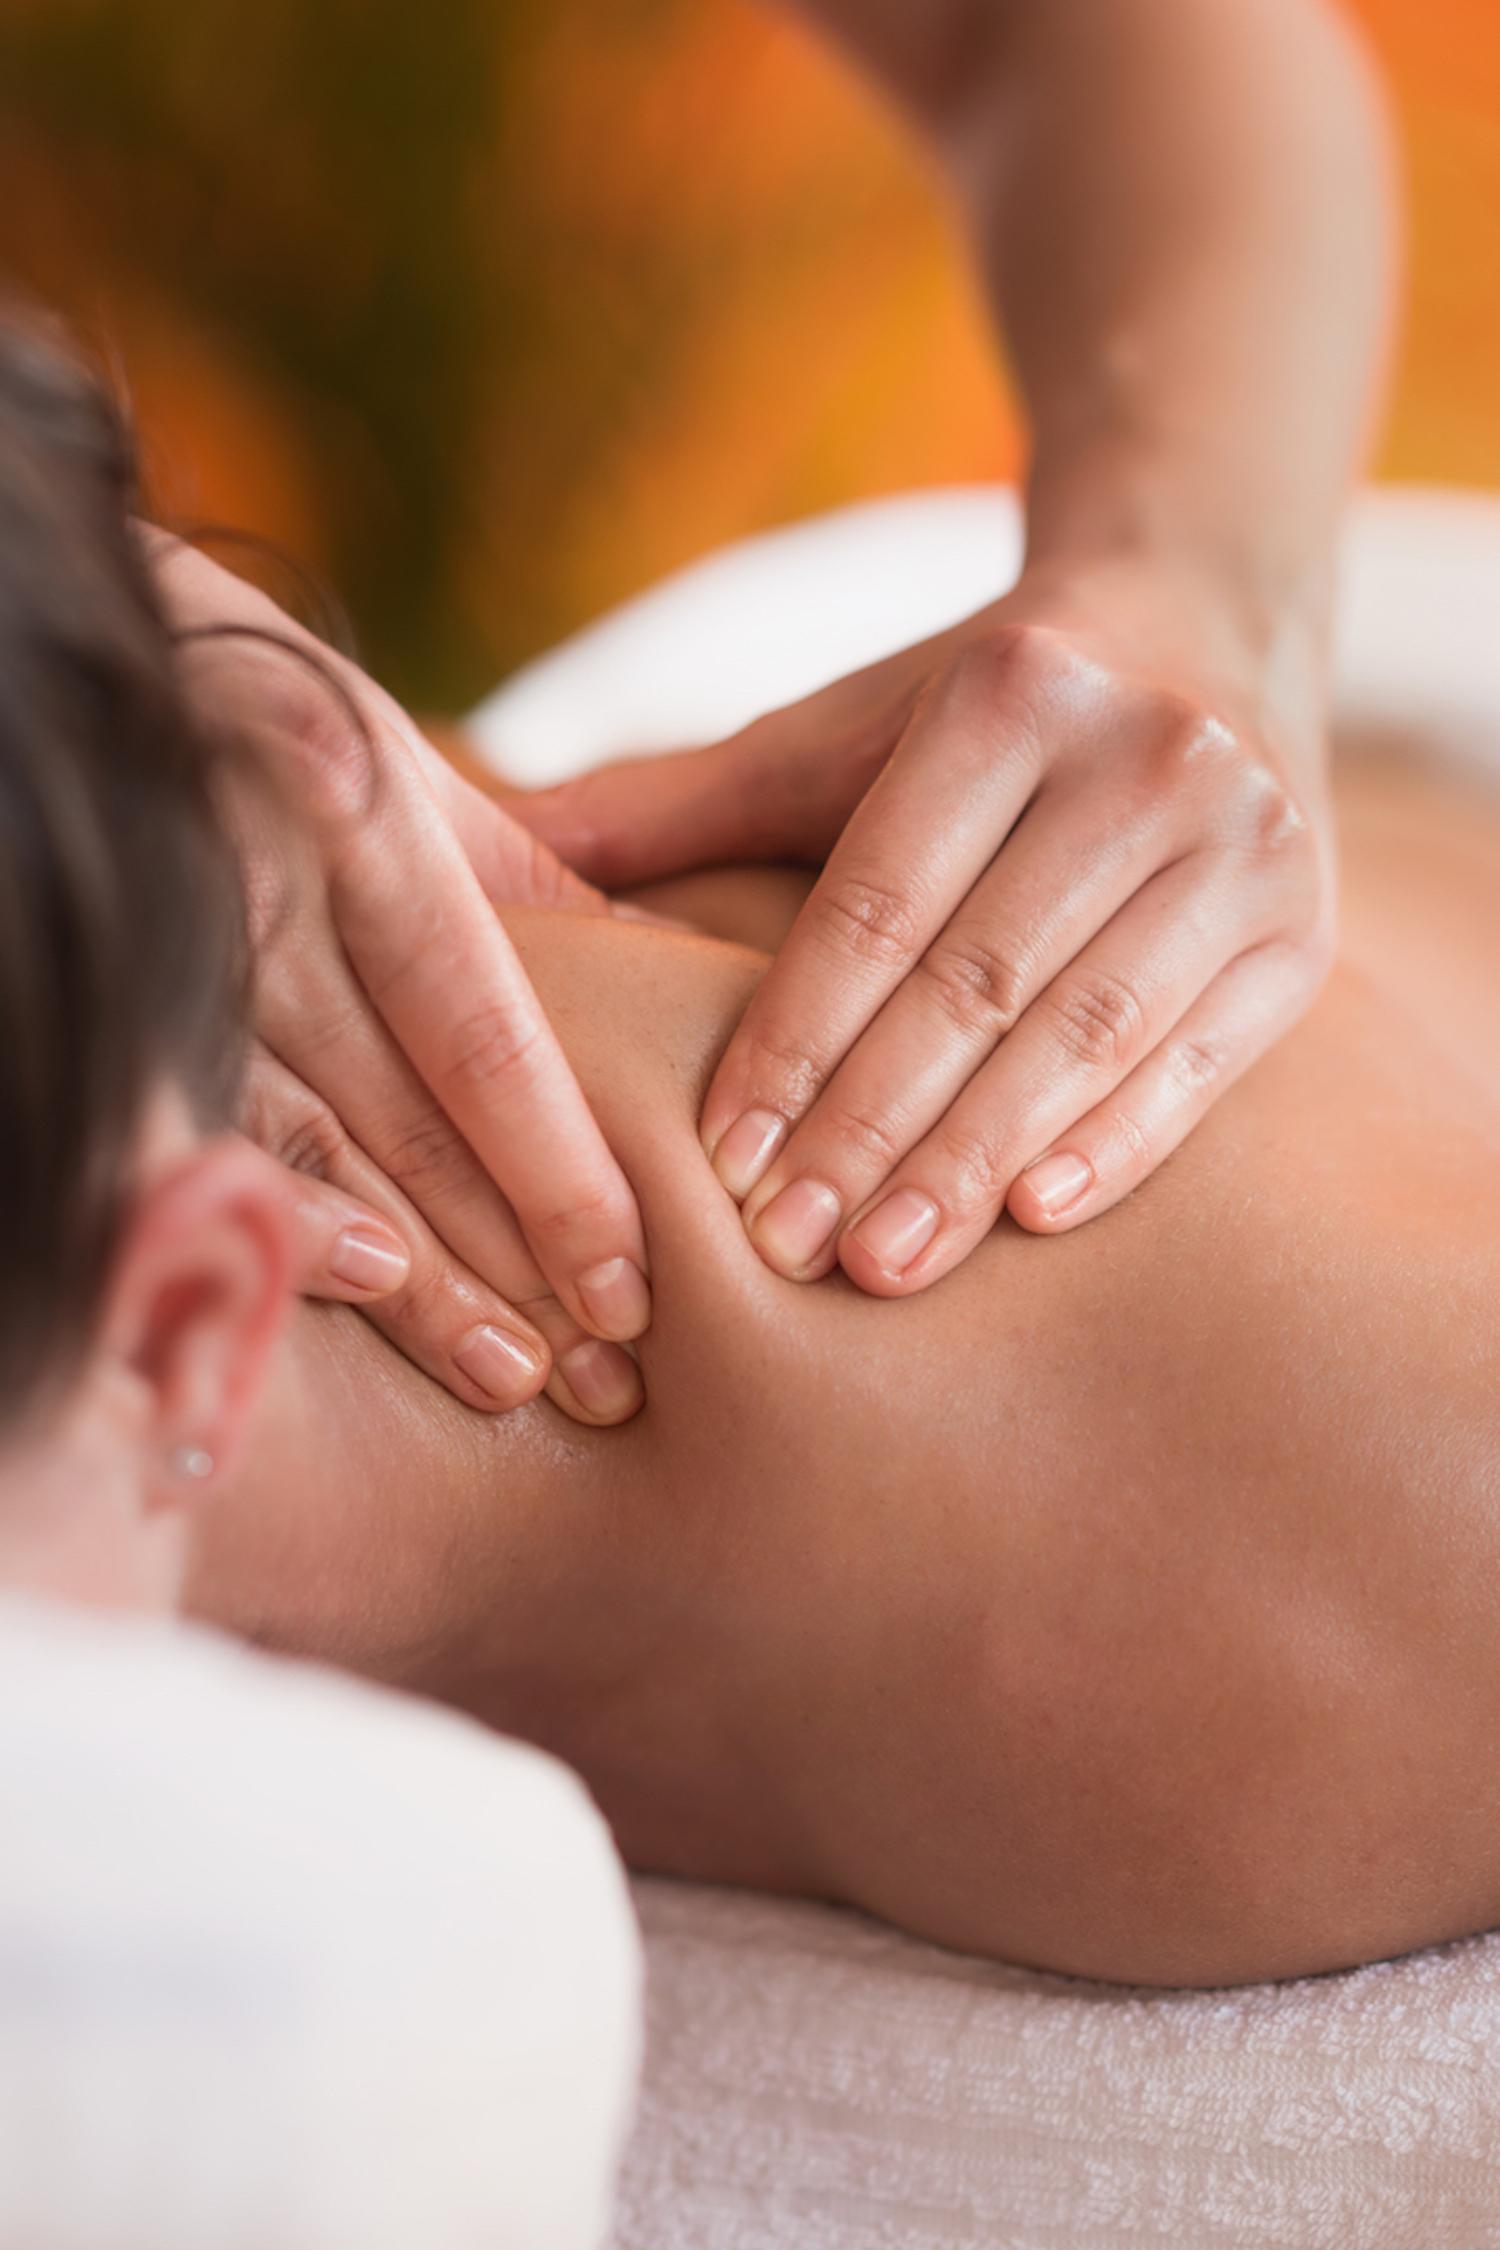 freedom-massage-swedish-deep-tissue-massage-options.jpg